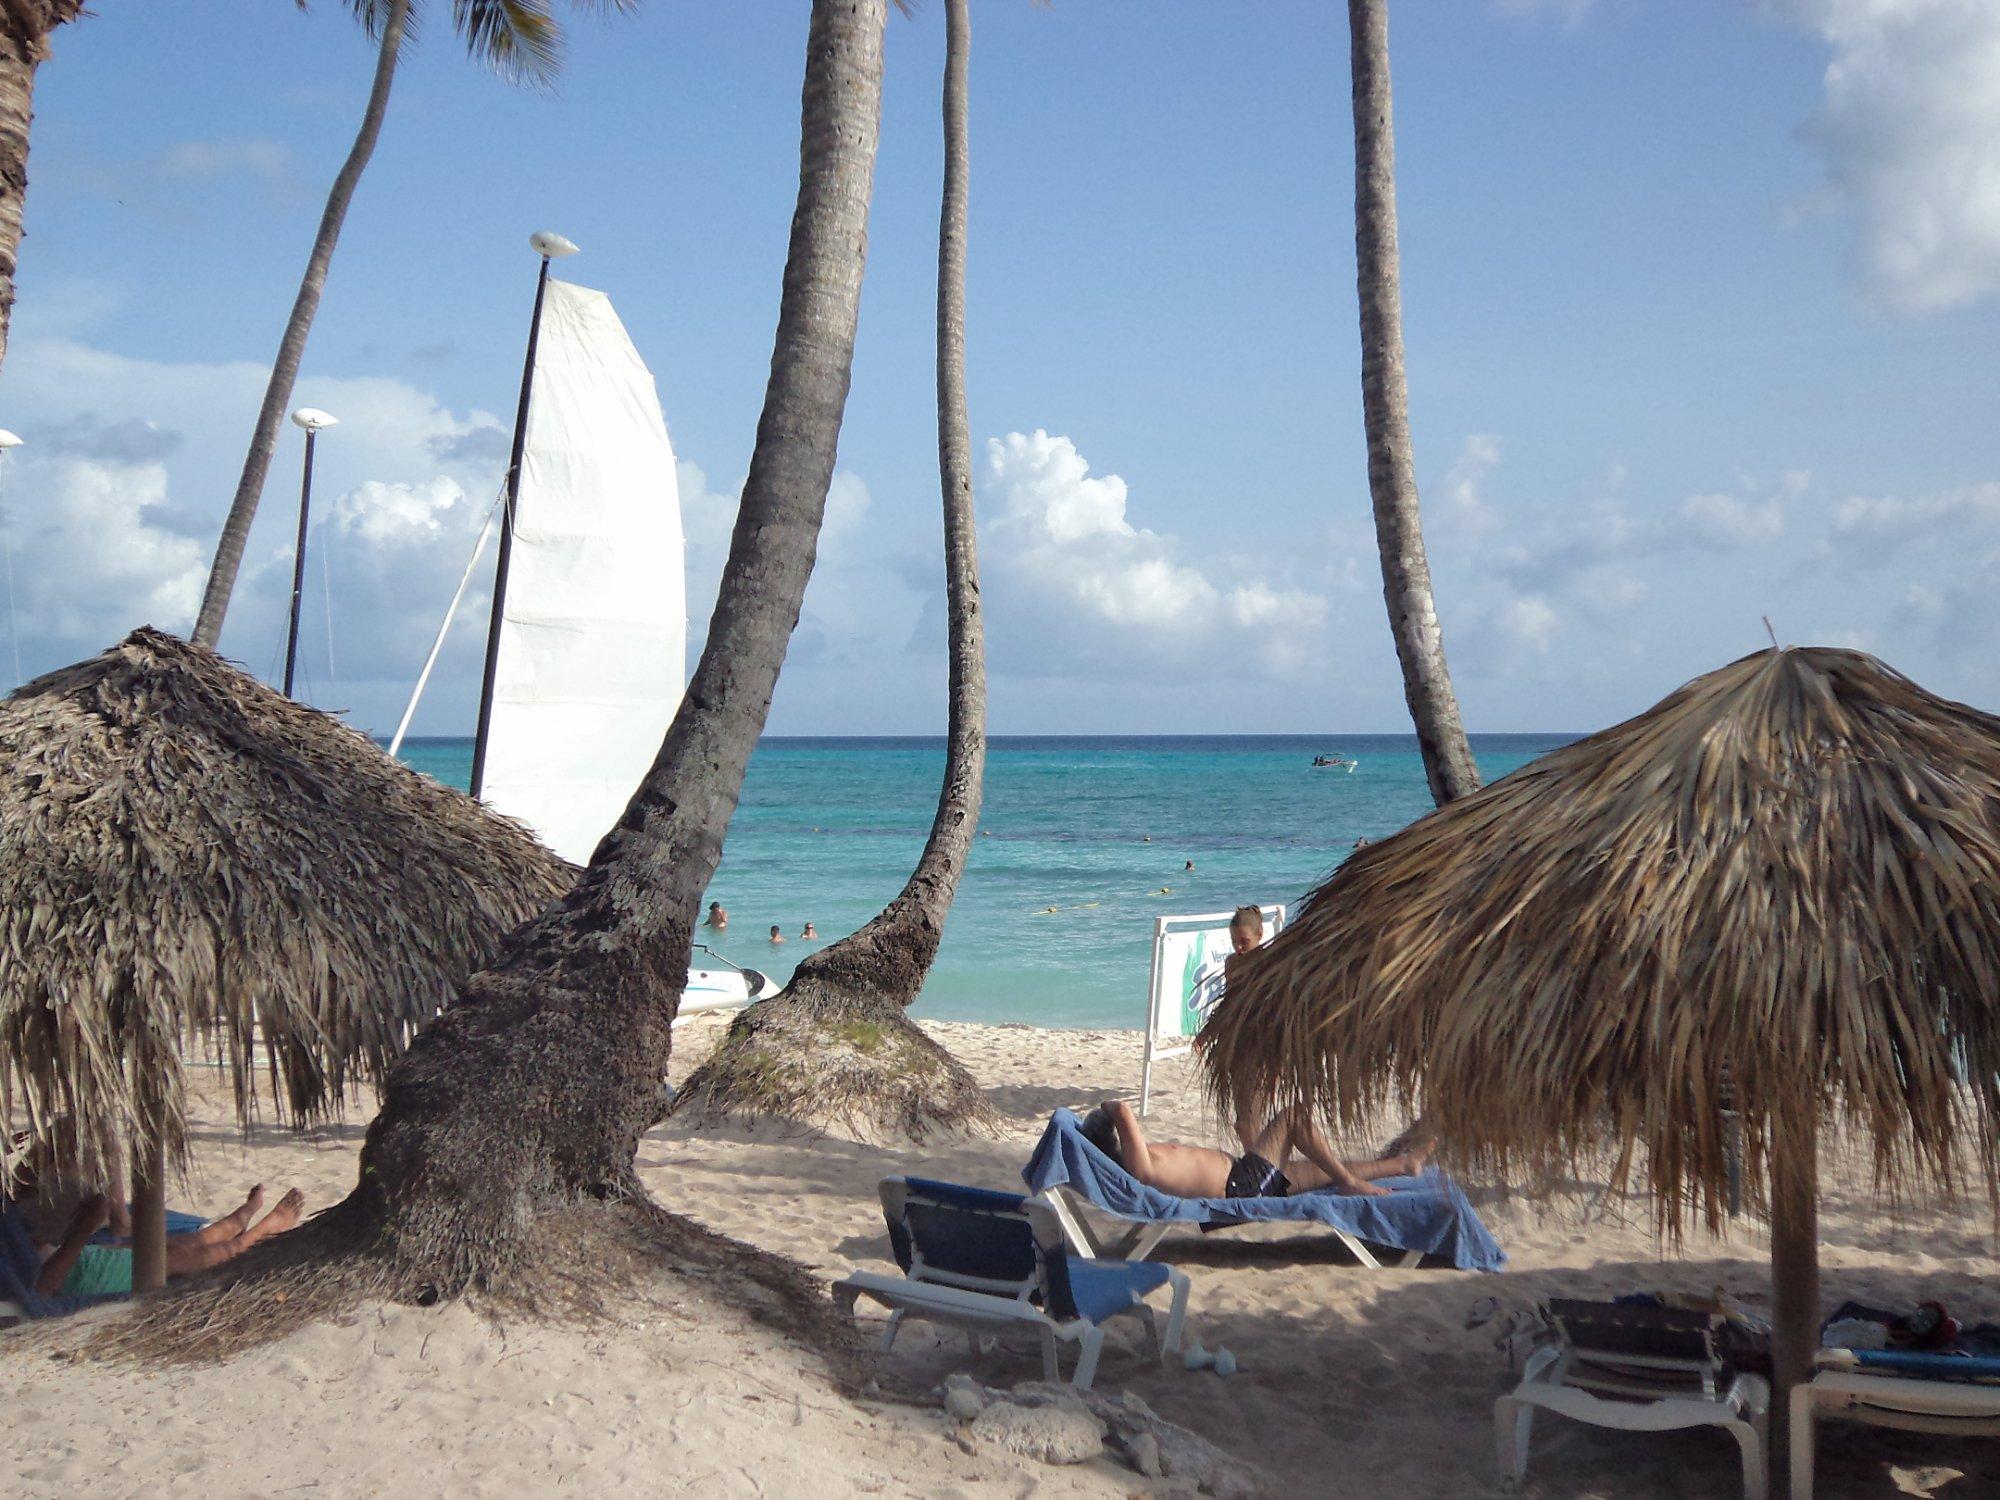 Playa de La Romana ( Republica Dominicana) Muy lindo el mar, làstima que en ese lugar hay piedra